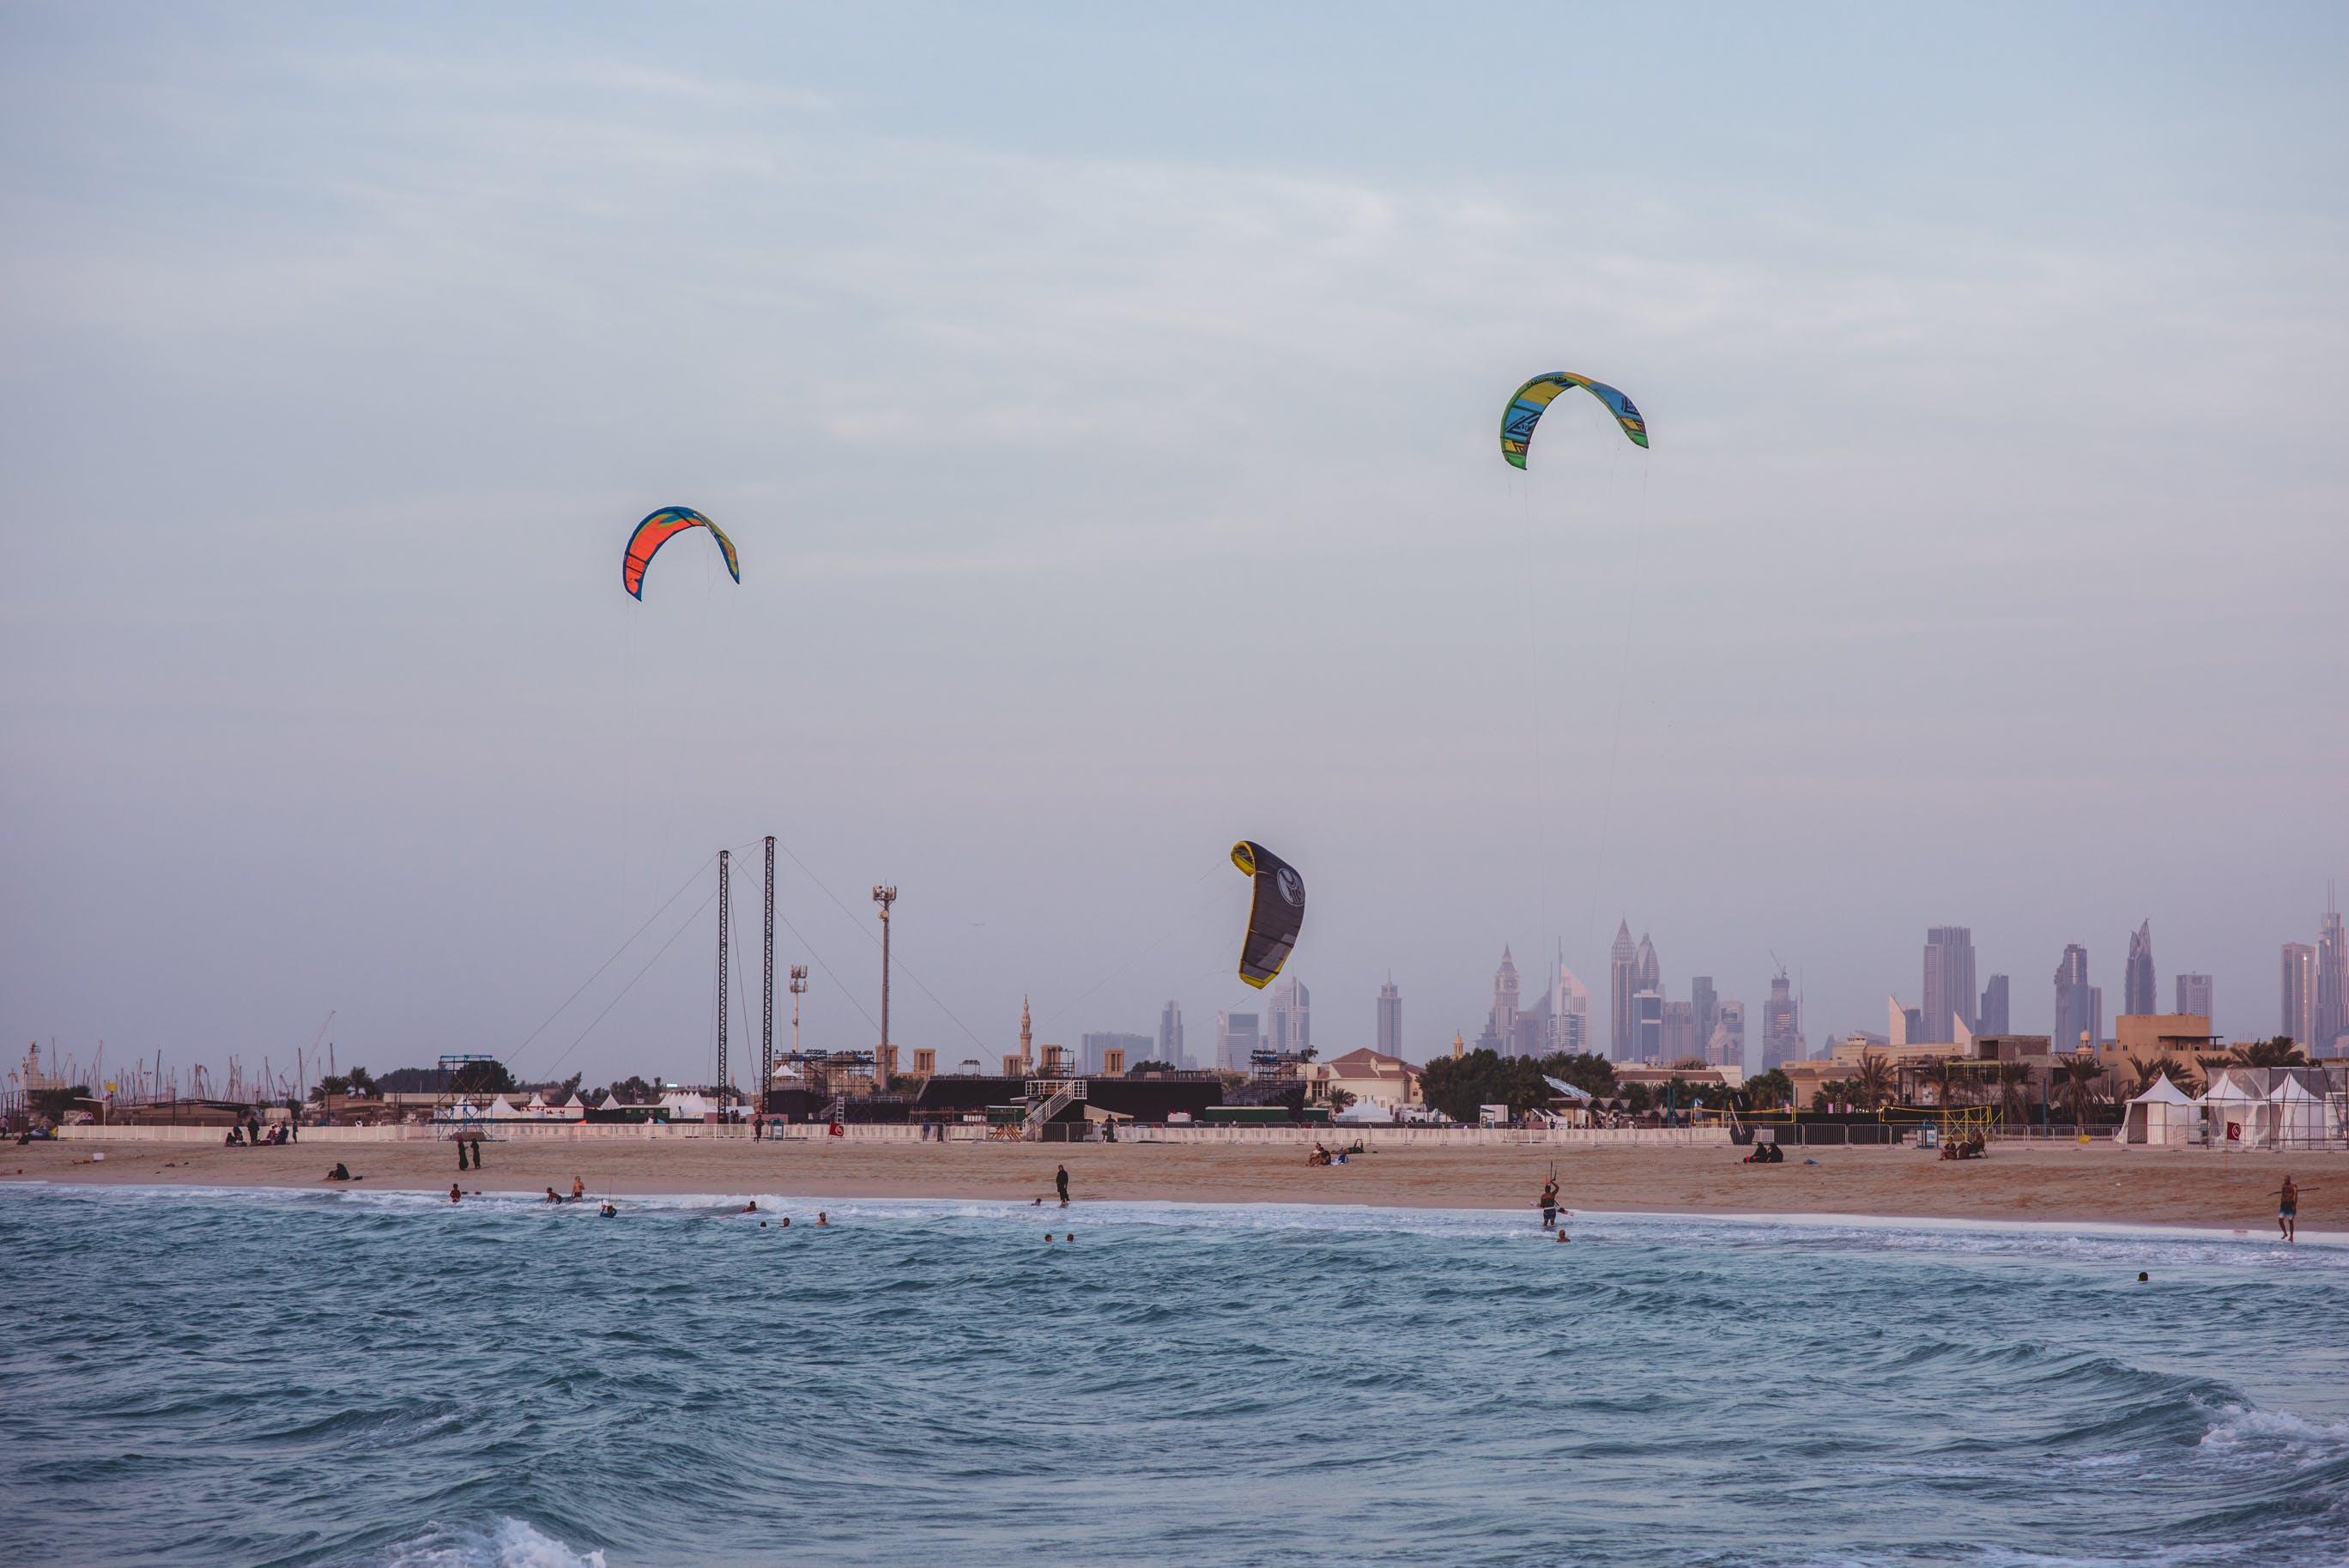 Δωρεάν στοκ φωτογραφιών με kiteboarding, kitesurfing, δραστηριότητα, ηλιοβασίλεμα παραλία